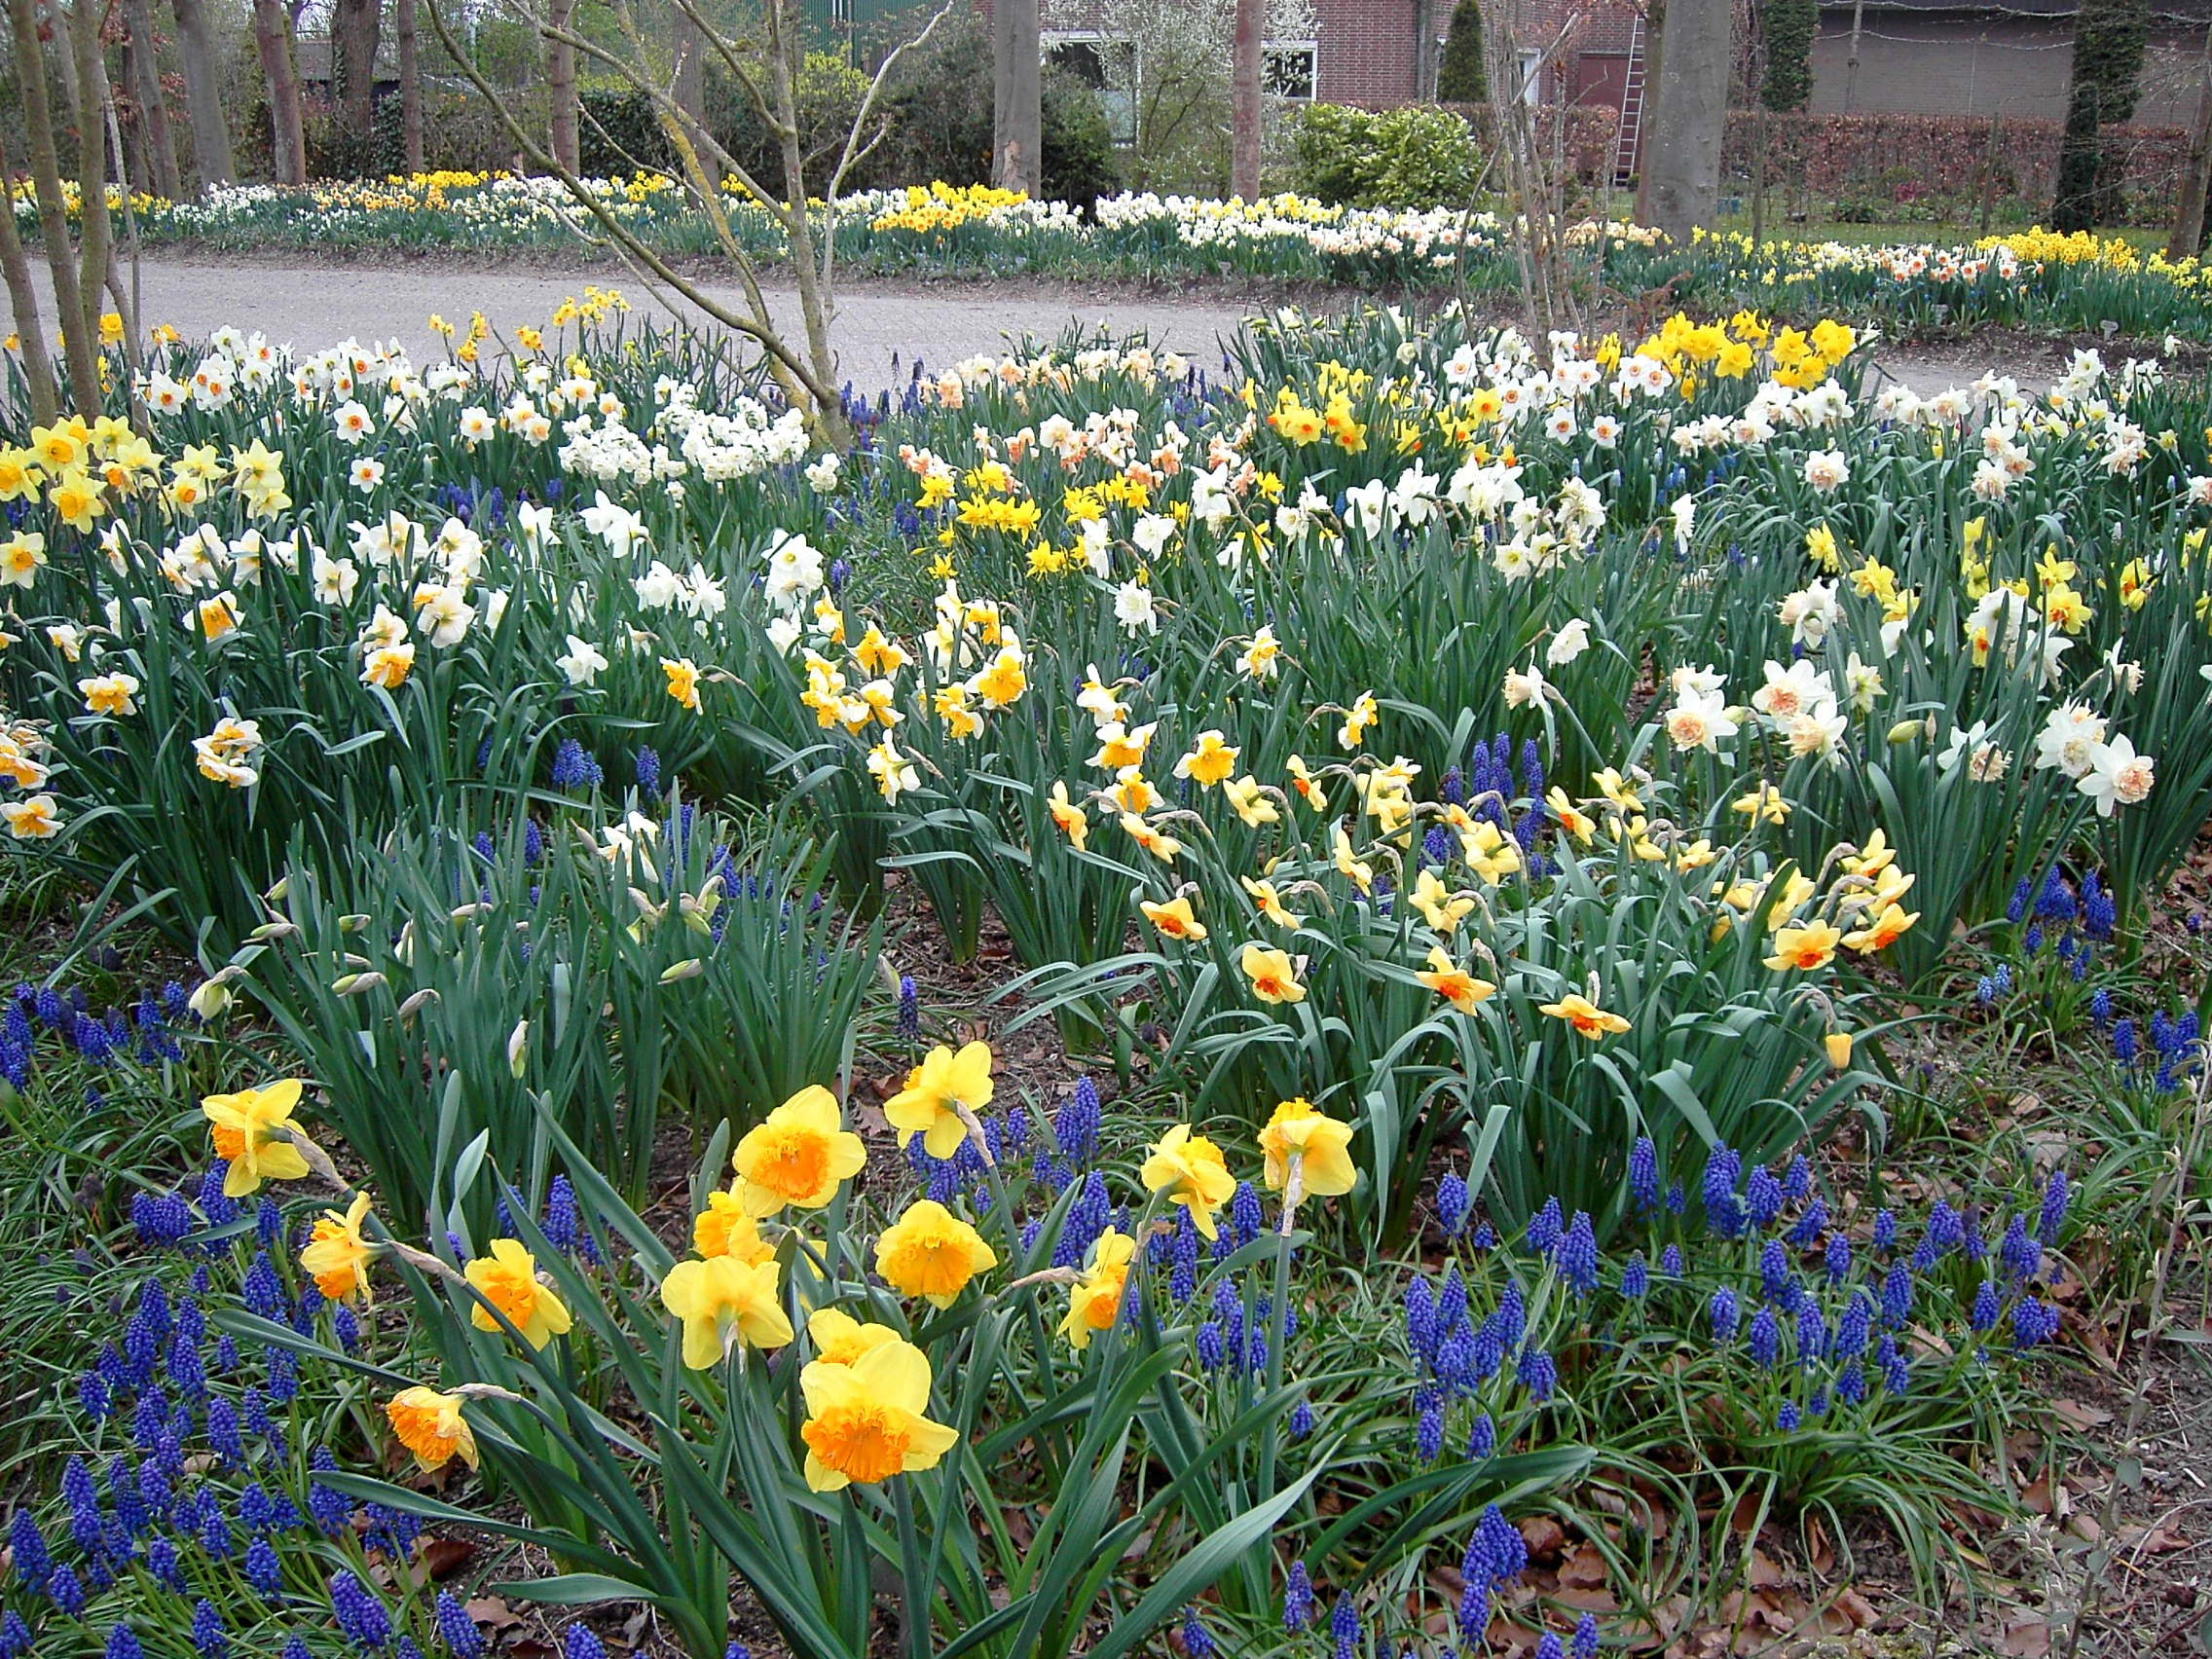 Wies Voesten's Passie voor planten – Voorjaarsbollen